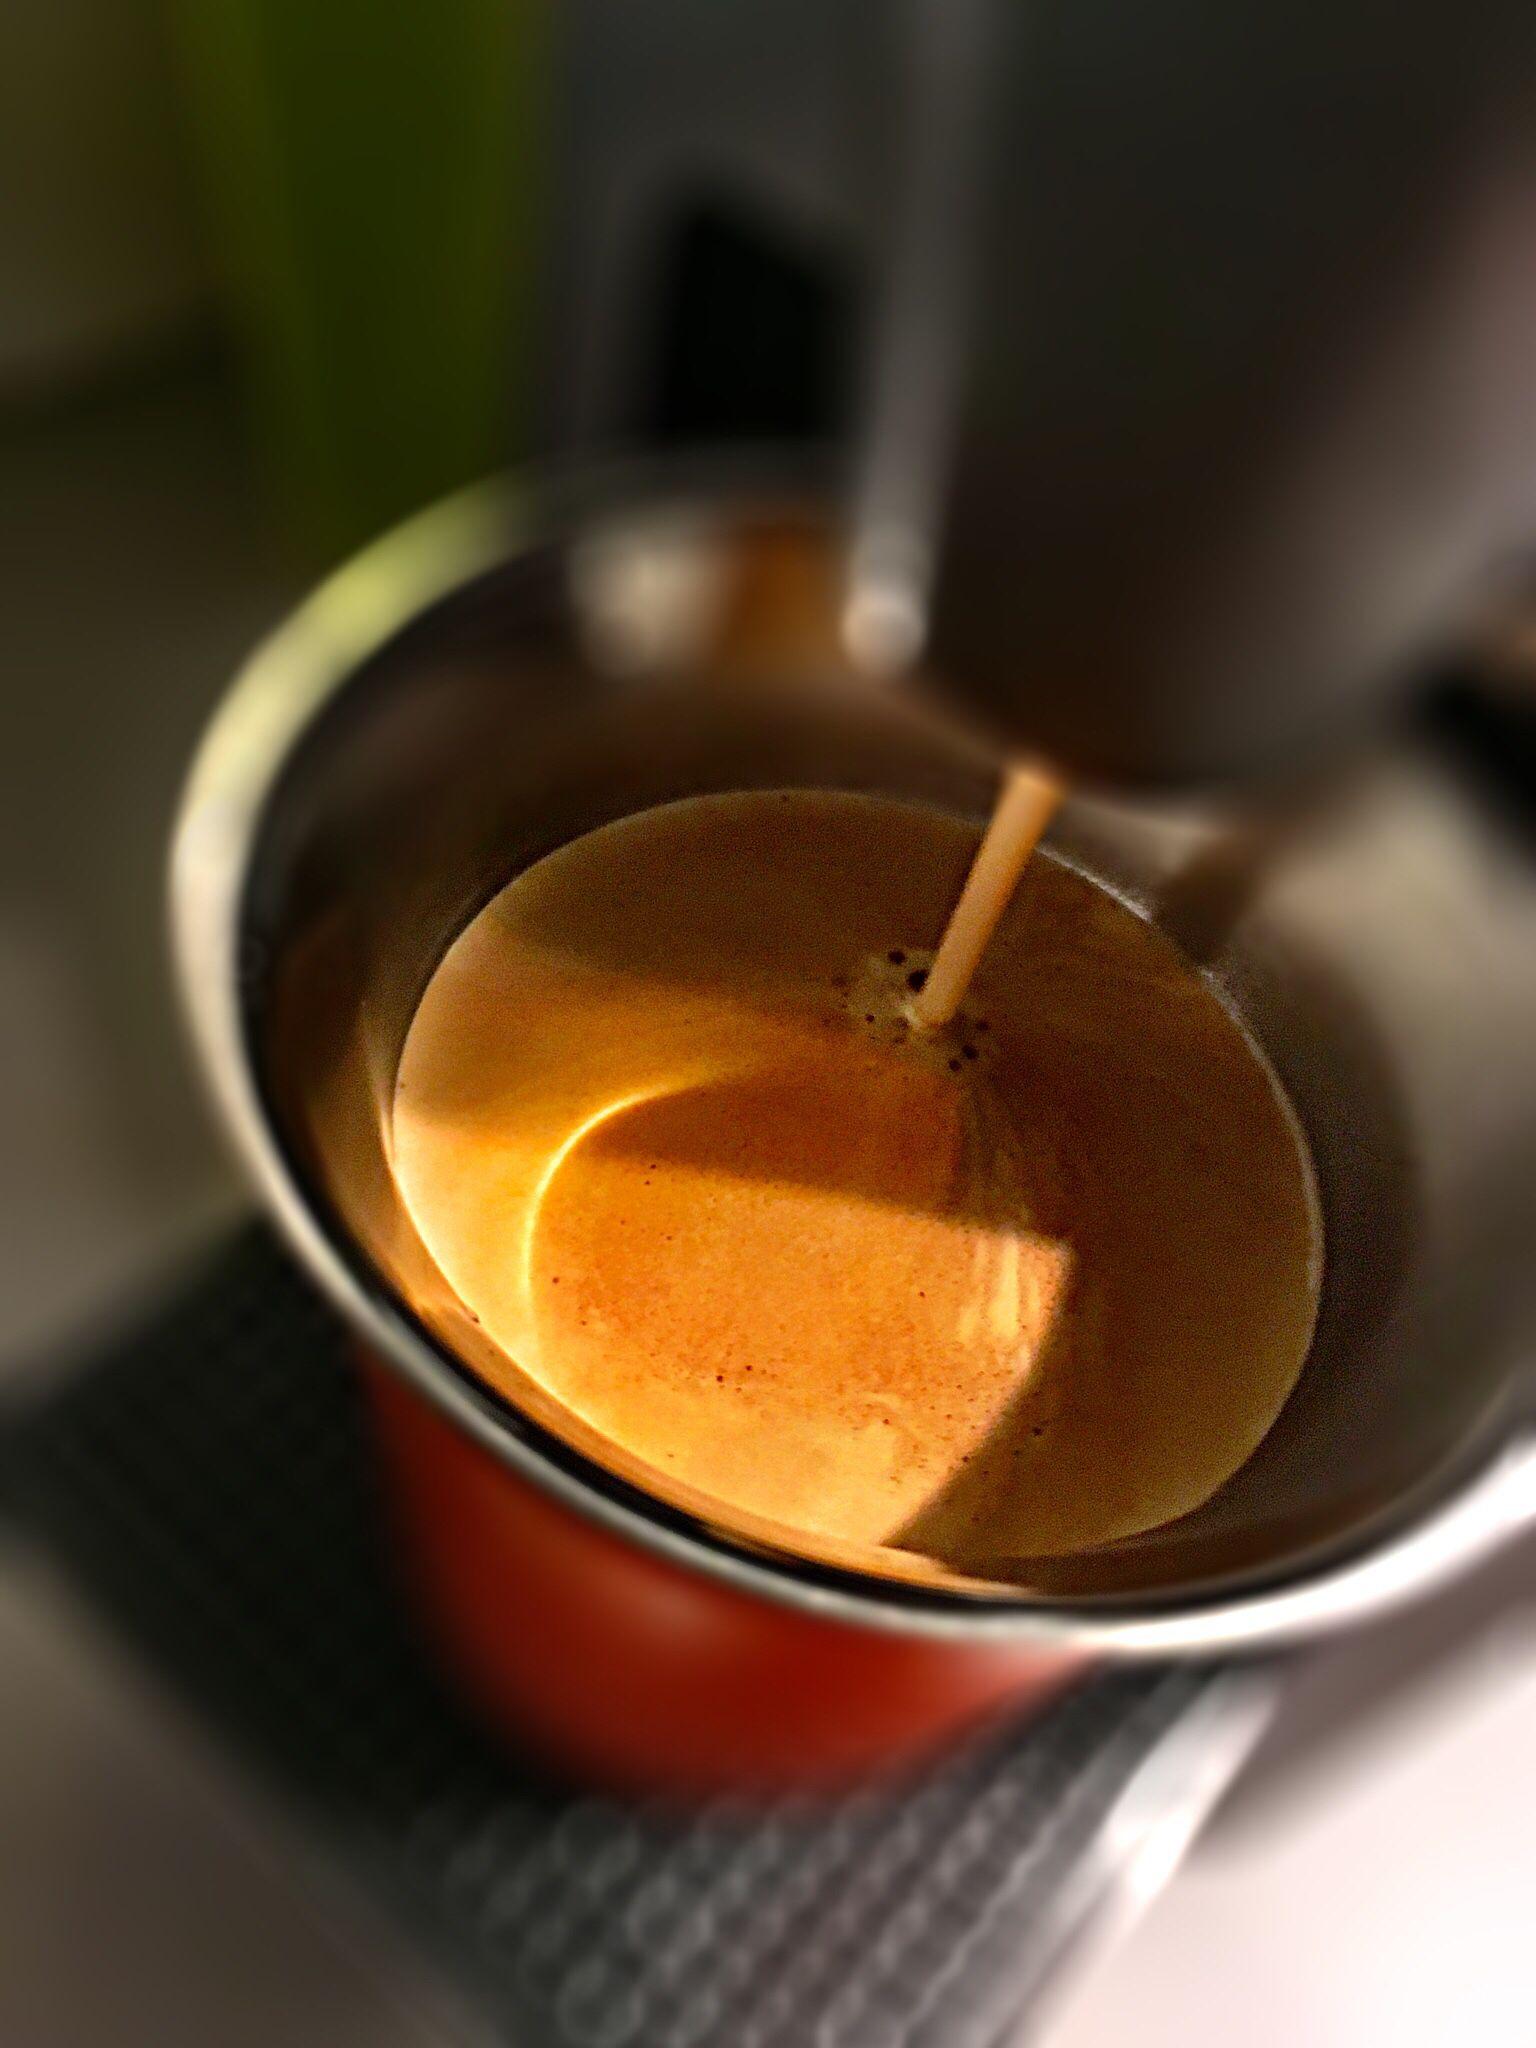 Guten Morgen…damit ihr einen guten Start in die Woche habt hier ein #Arpeggio #Kaffe von @Nespresso